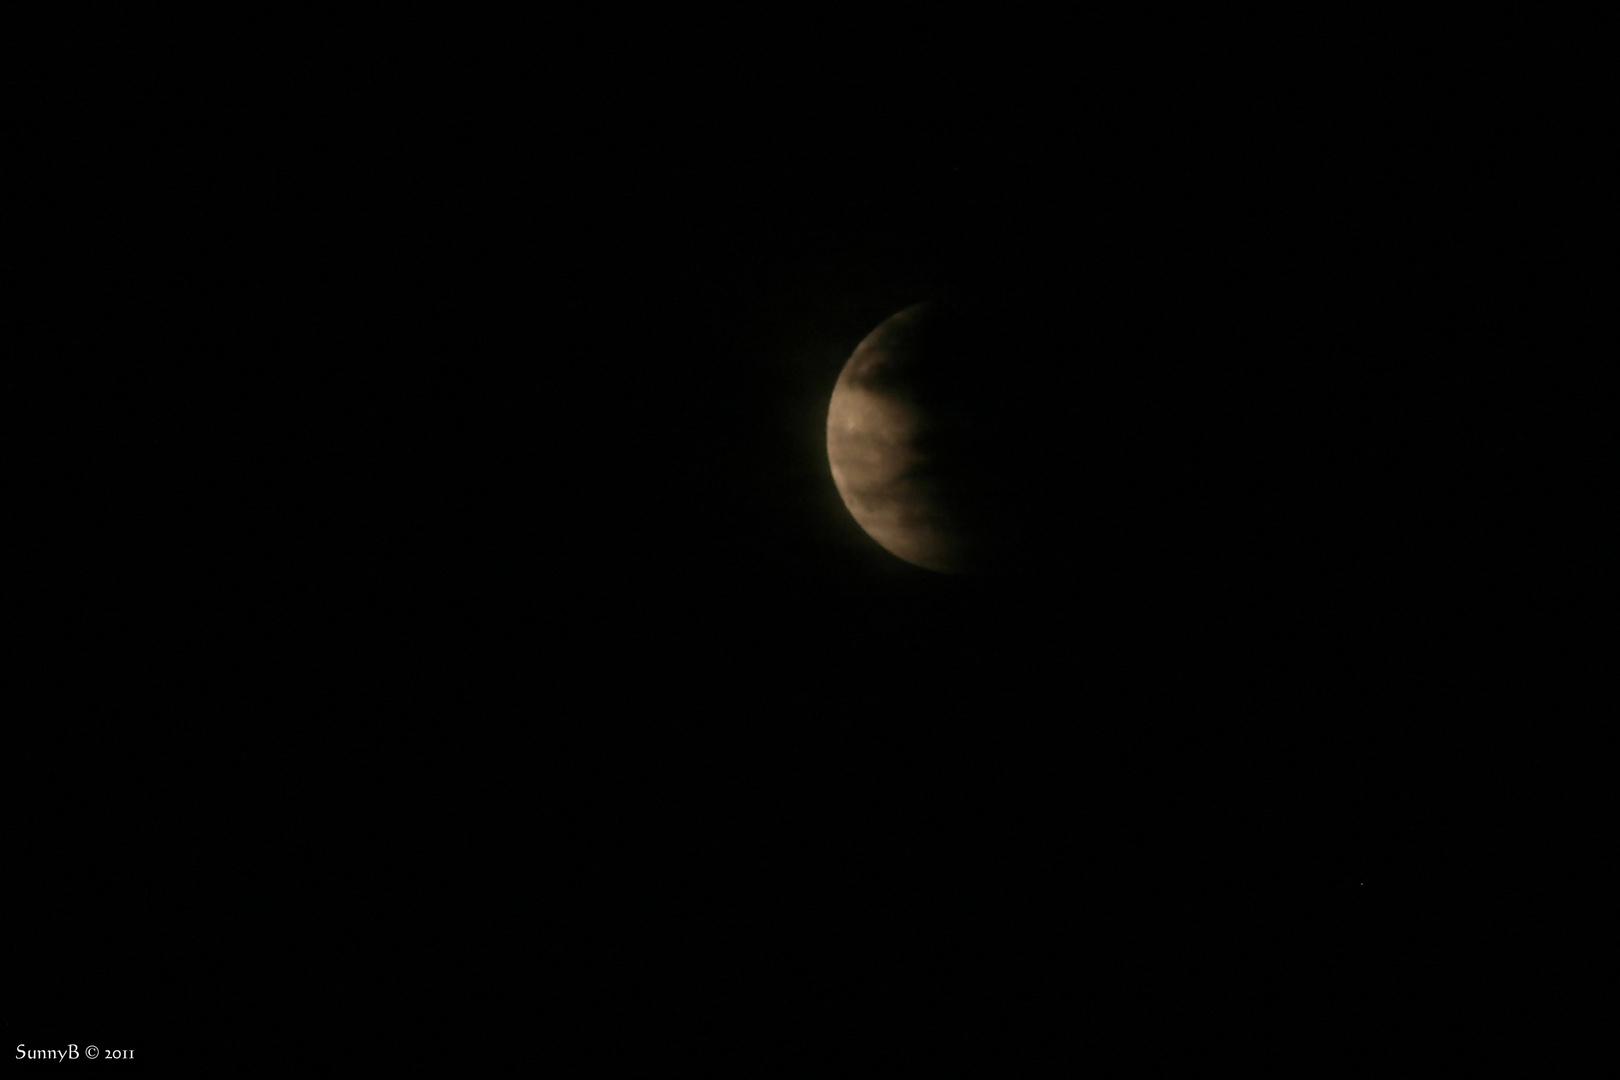 Ein verdeckter Mond ...